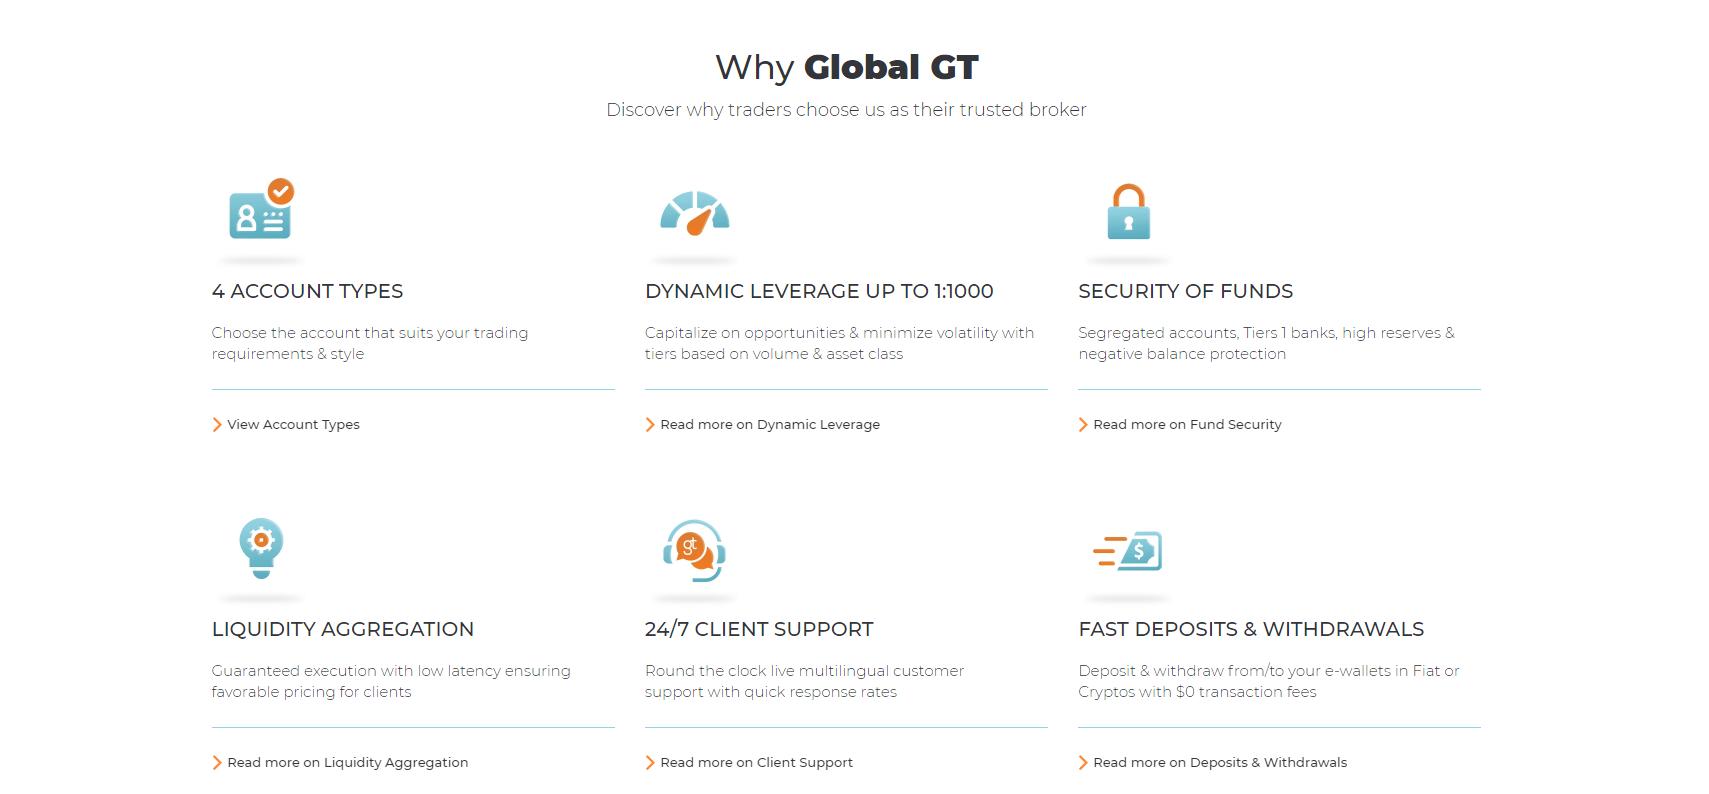 global gt обзор торговых условий